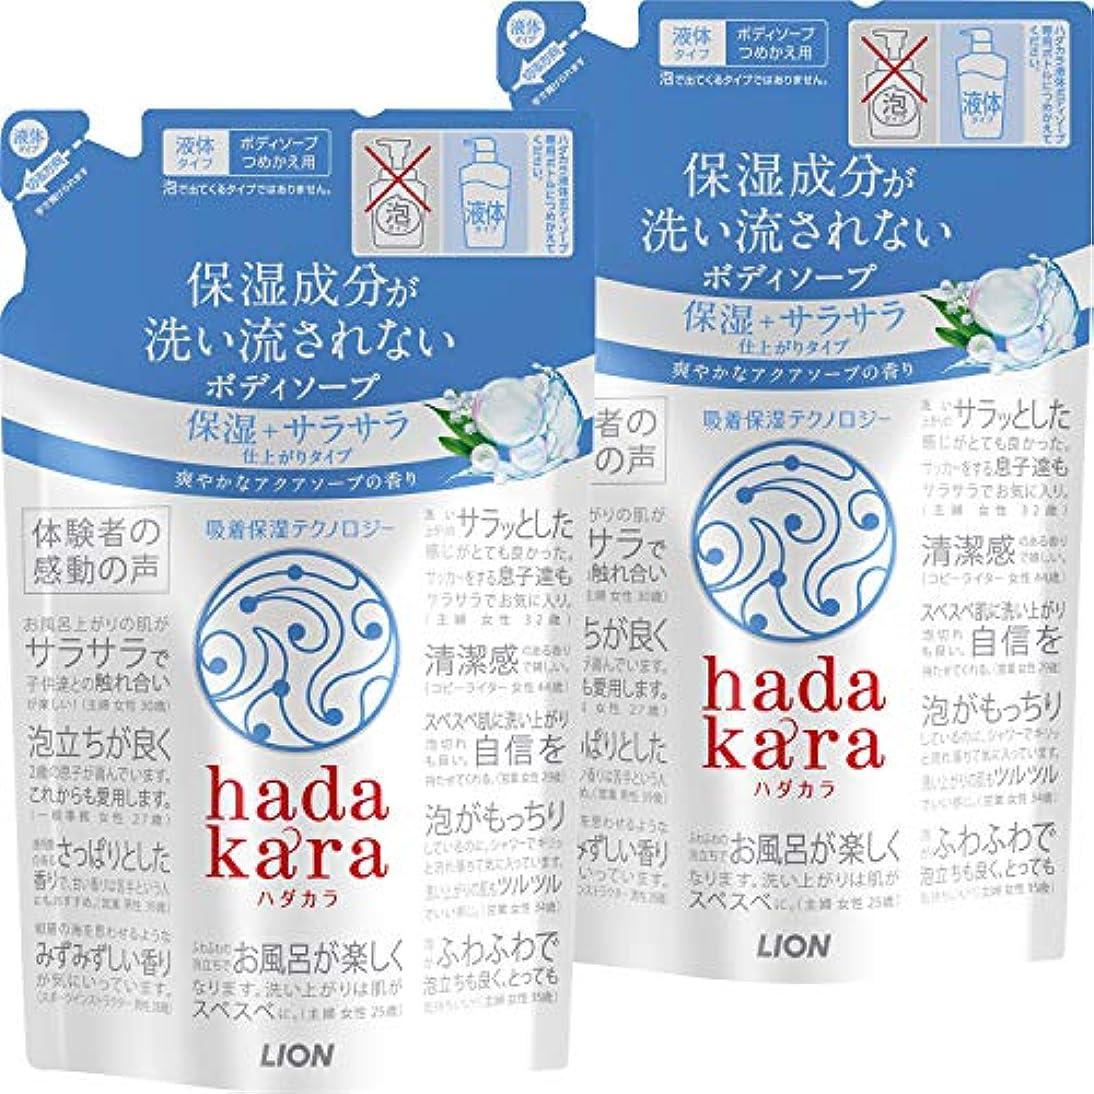 効果セラフ愛【まとめ買い】hadakara(ハダカラ) ボディソープ 保湿+サラサラ仕上がりタイプ アクアソープの香り 詰め替え 340ml×2個パック